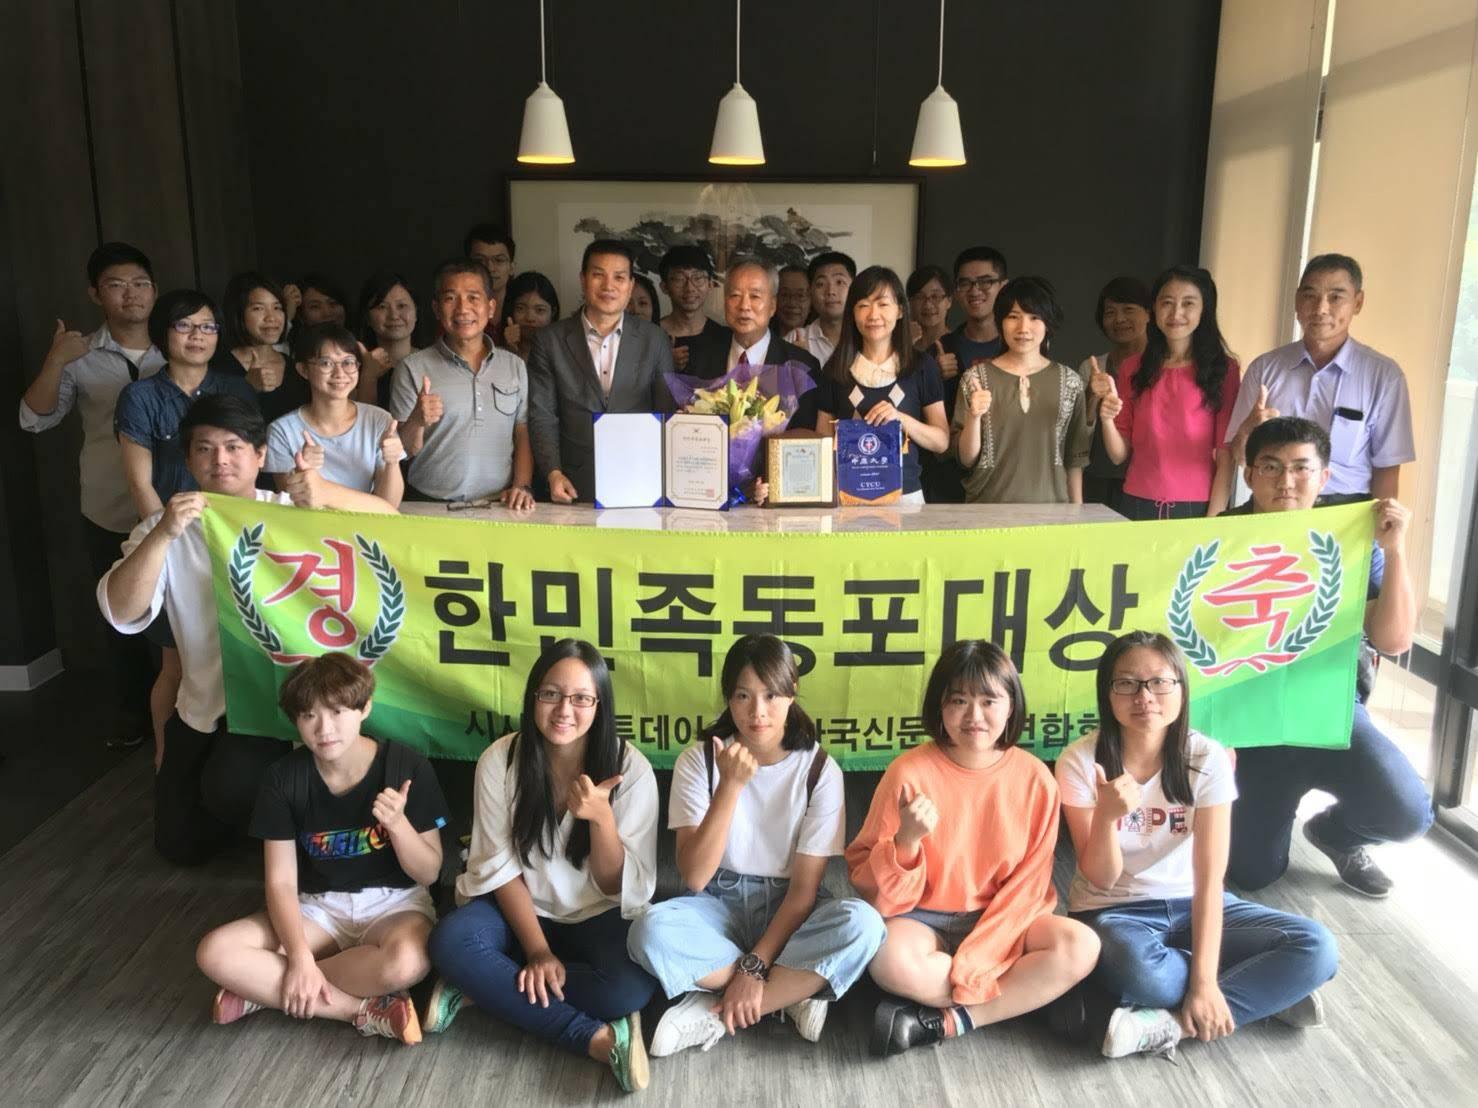 姜仁圭老師為促進中原與韓國各校的合作與交流,貢獻了許多努力